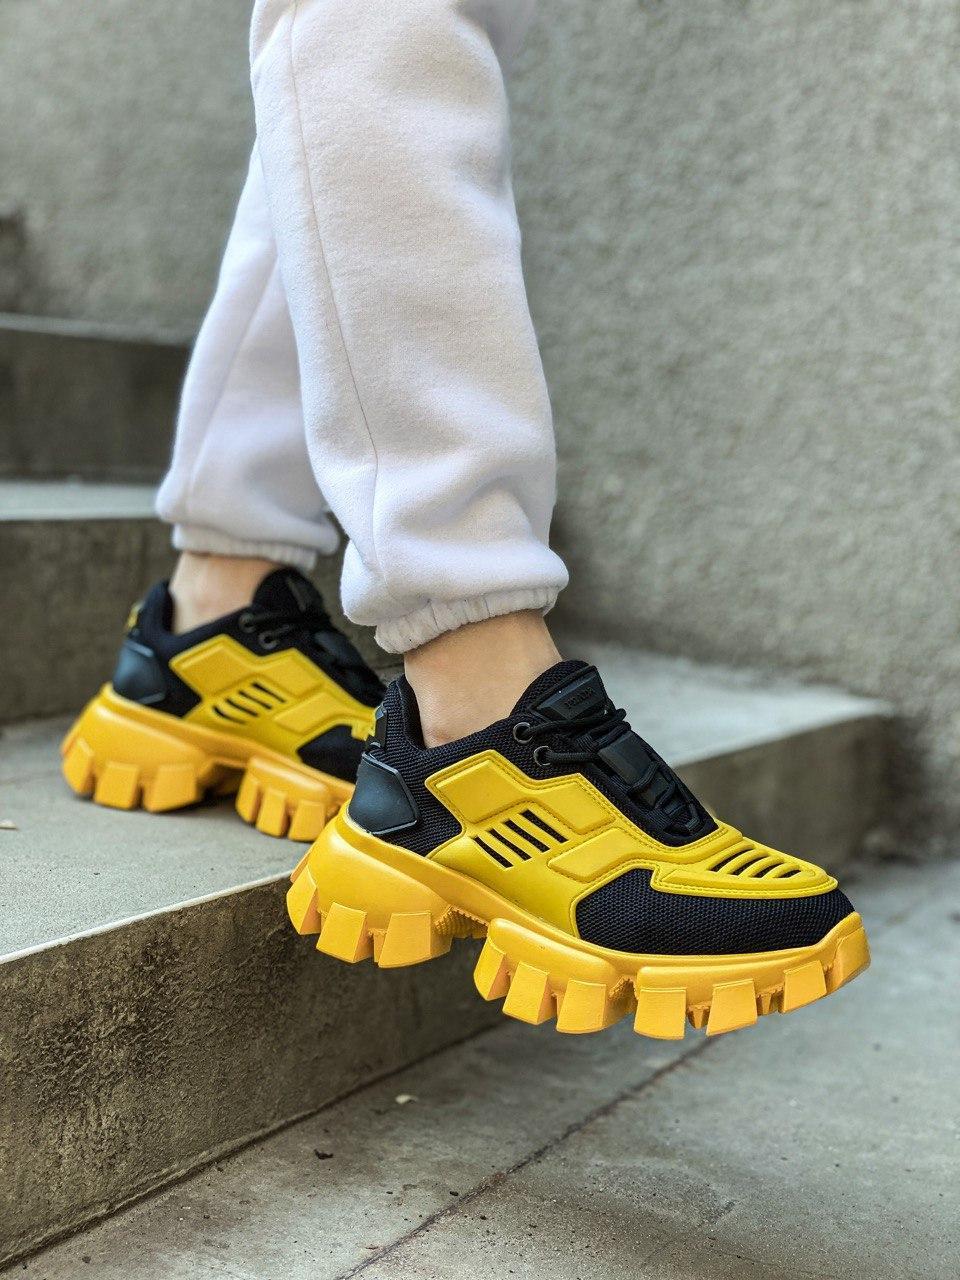 Женские кроссовки Prada Cloudbust Sneakers PA100 желто-черные